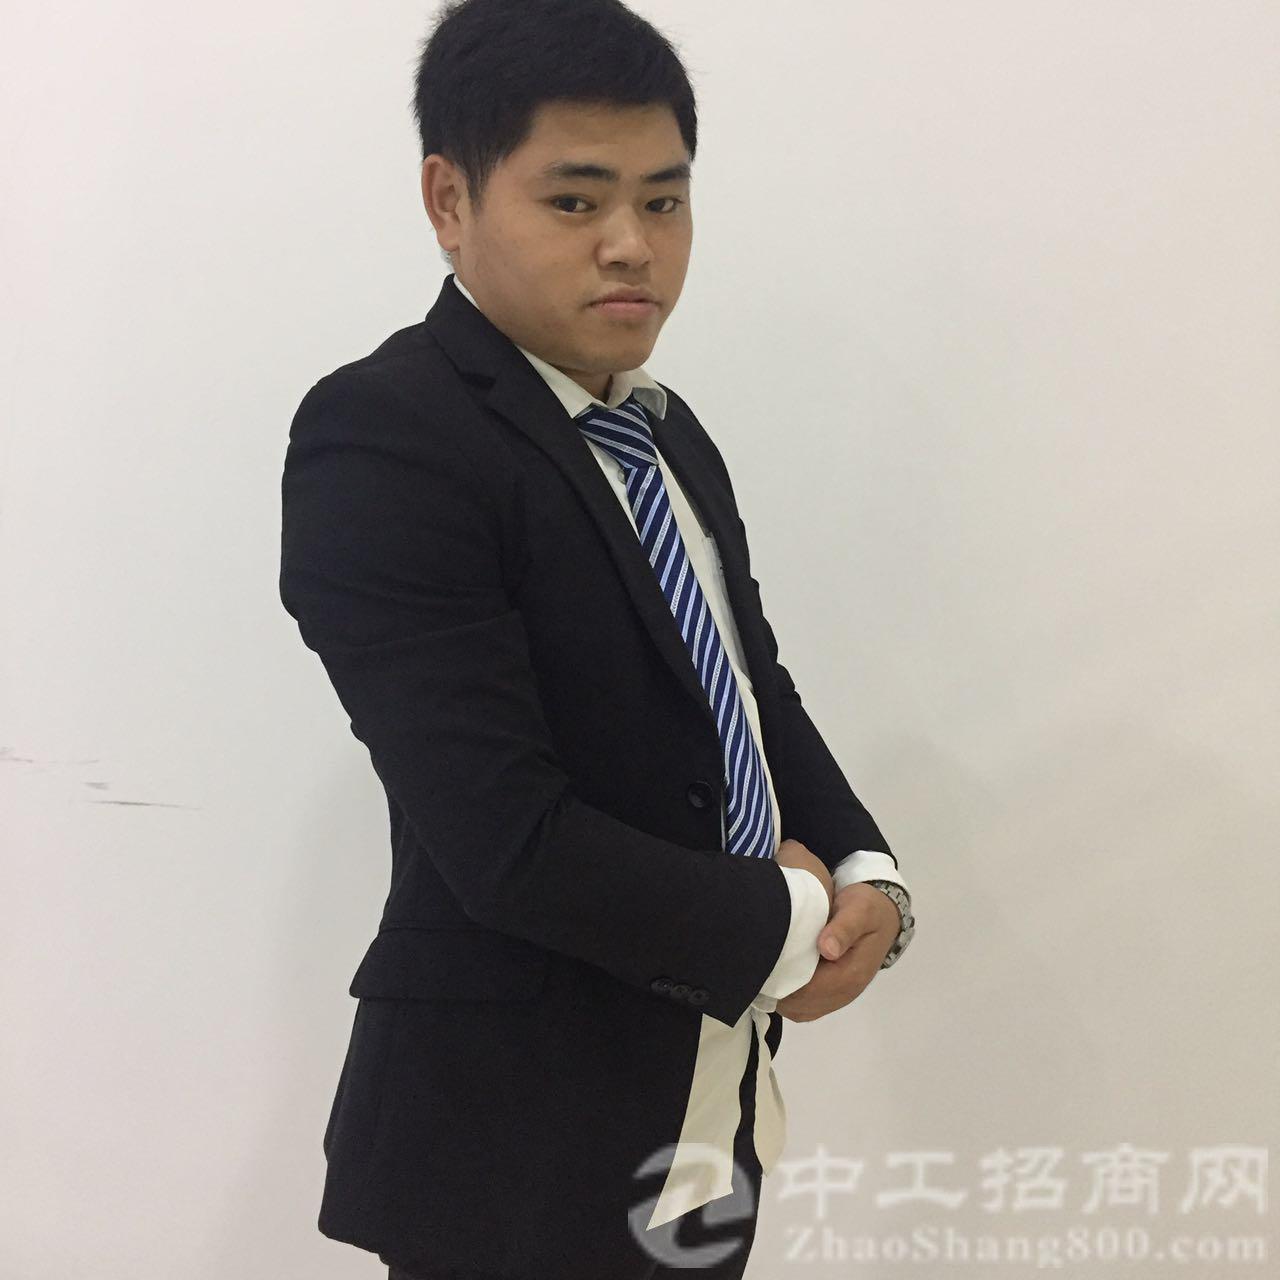 点击进入刘志彪的网店